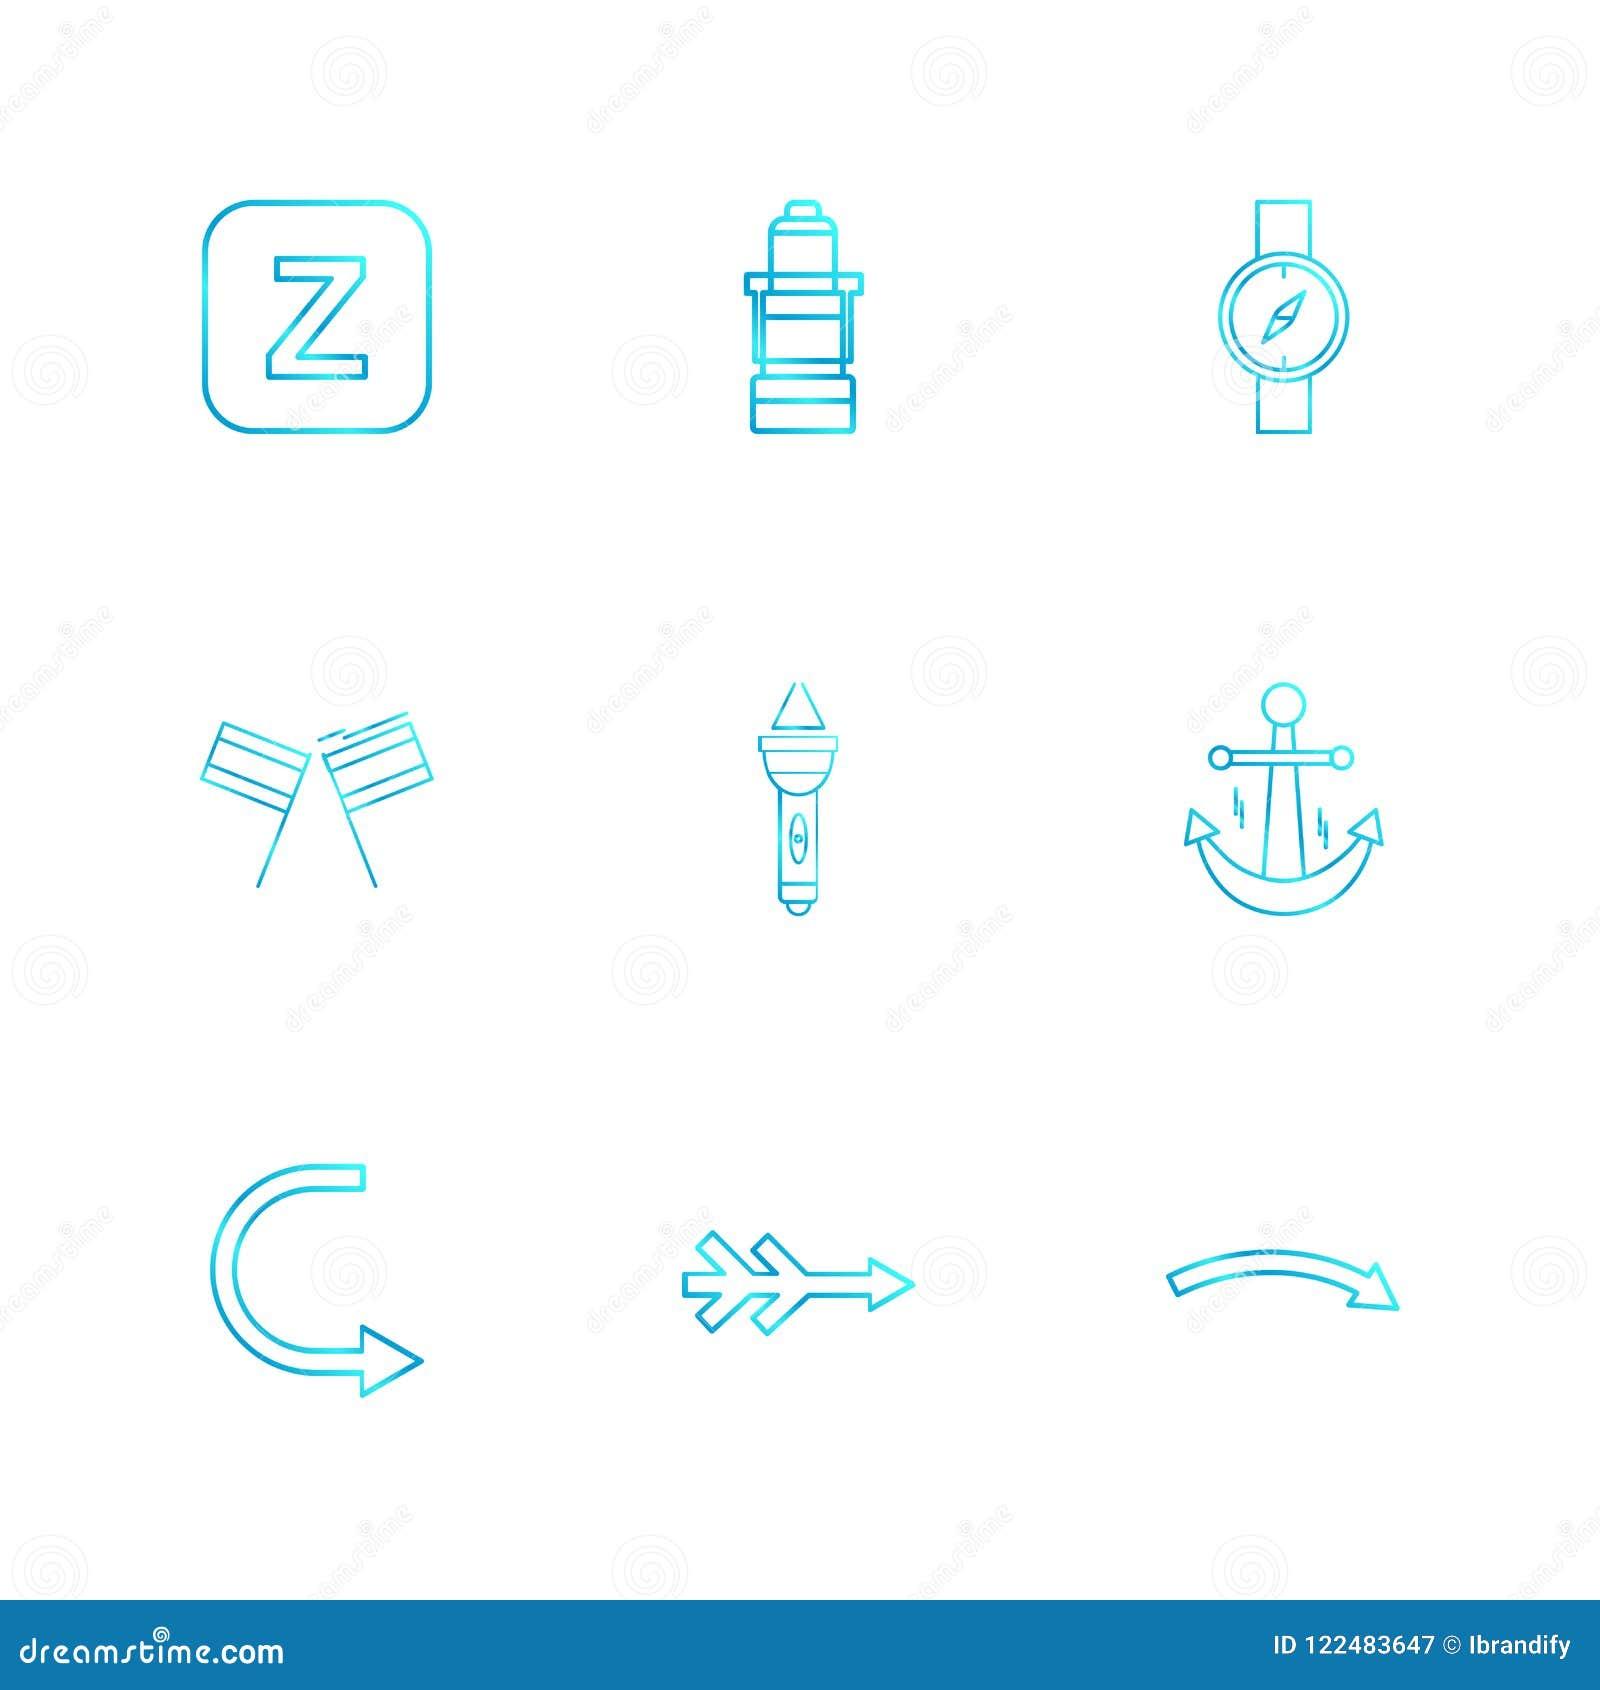 τα αλφάβητα, θάλασσα, τρόφιμα, πικ-νίκ, καλοκαίρι, eps εικονίδια θέτουν διανυσματικός